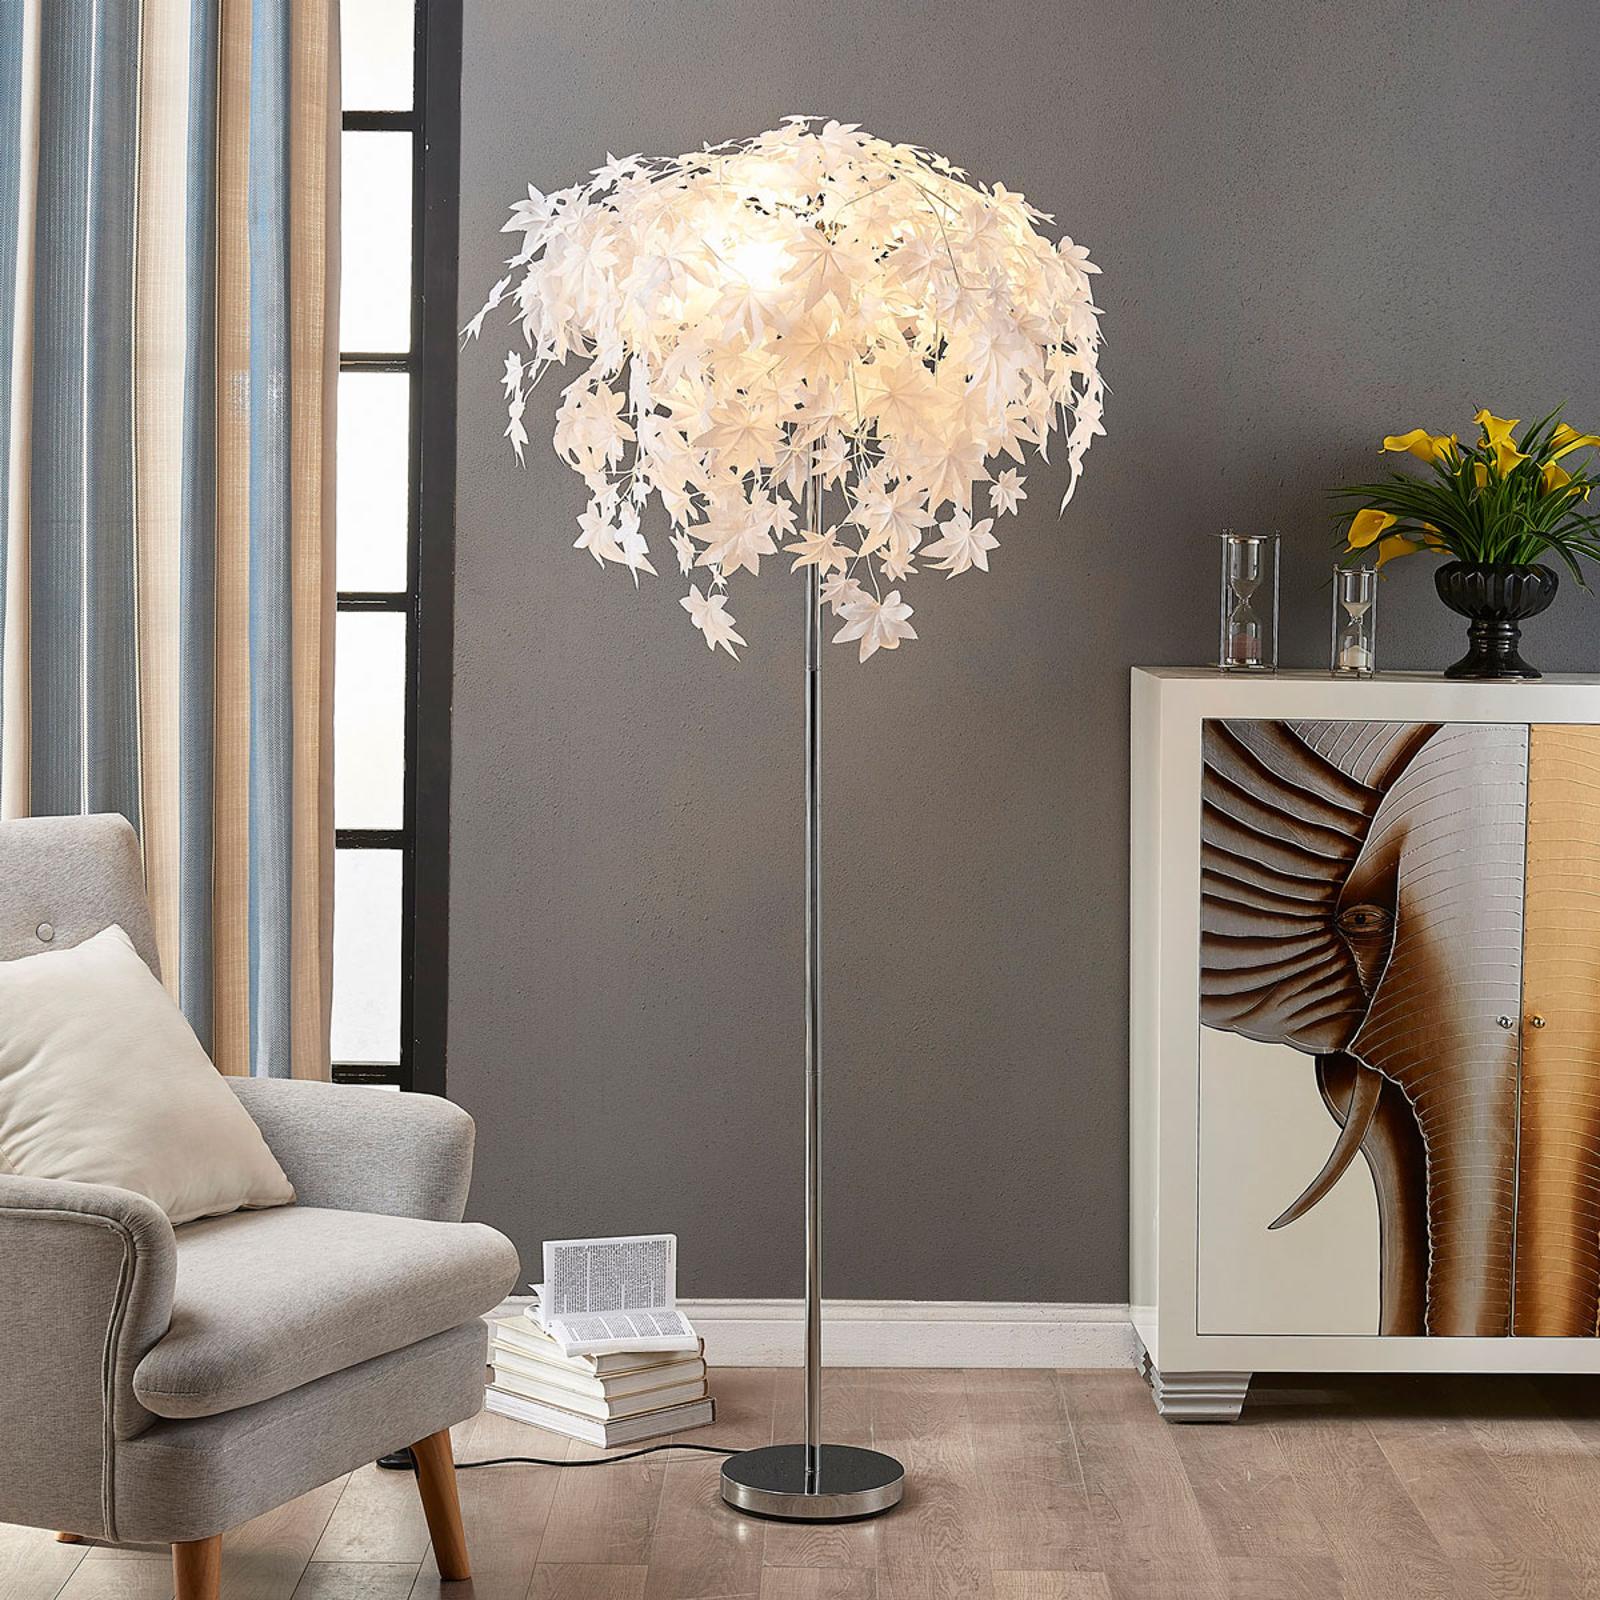 Lampadaire Maple avec décor de feuilles